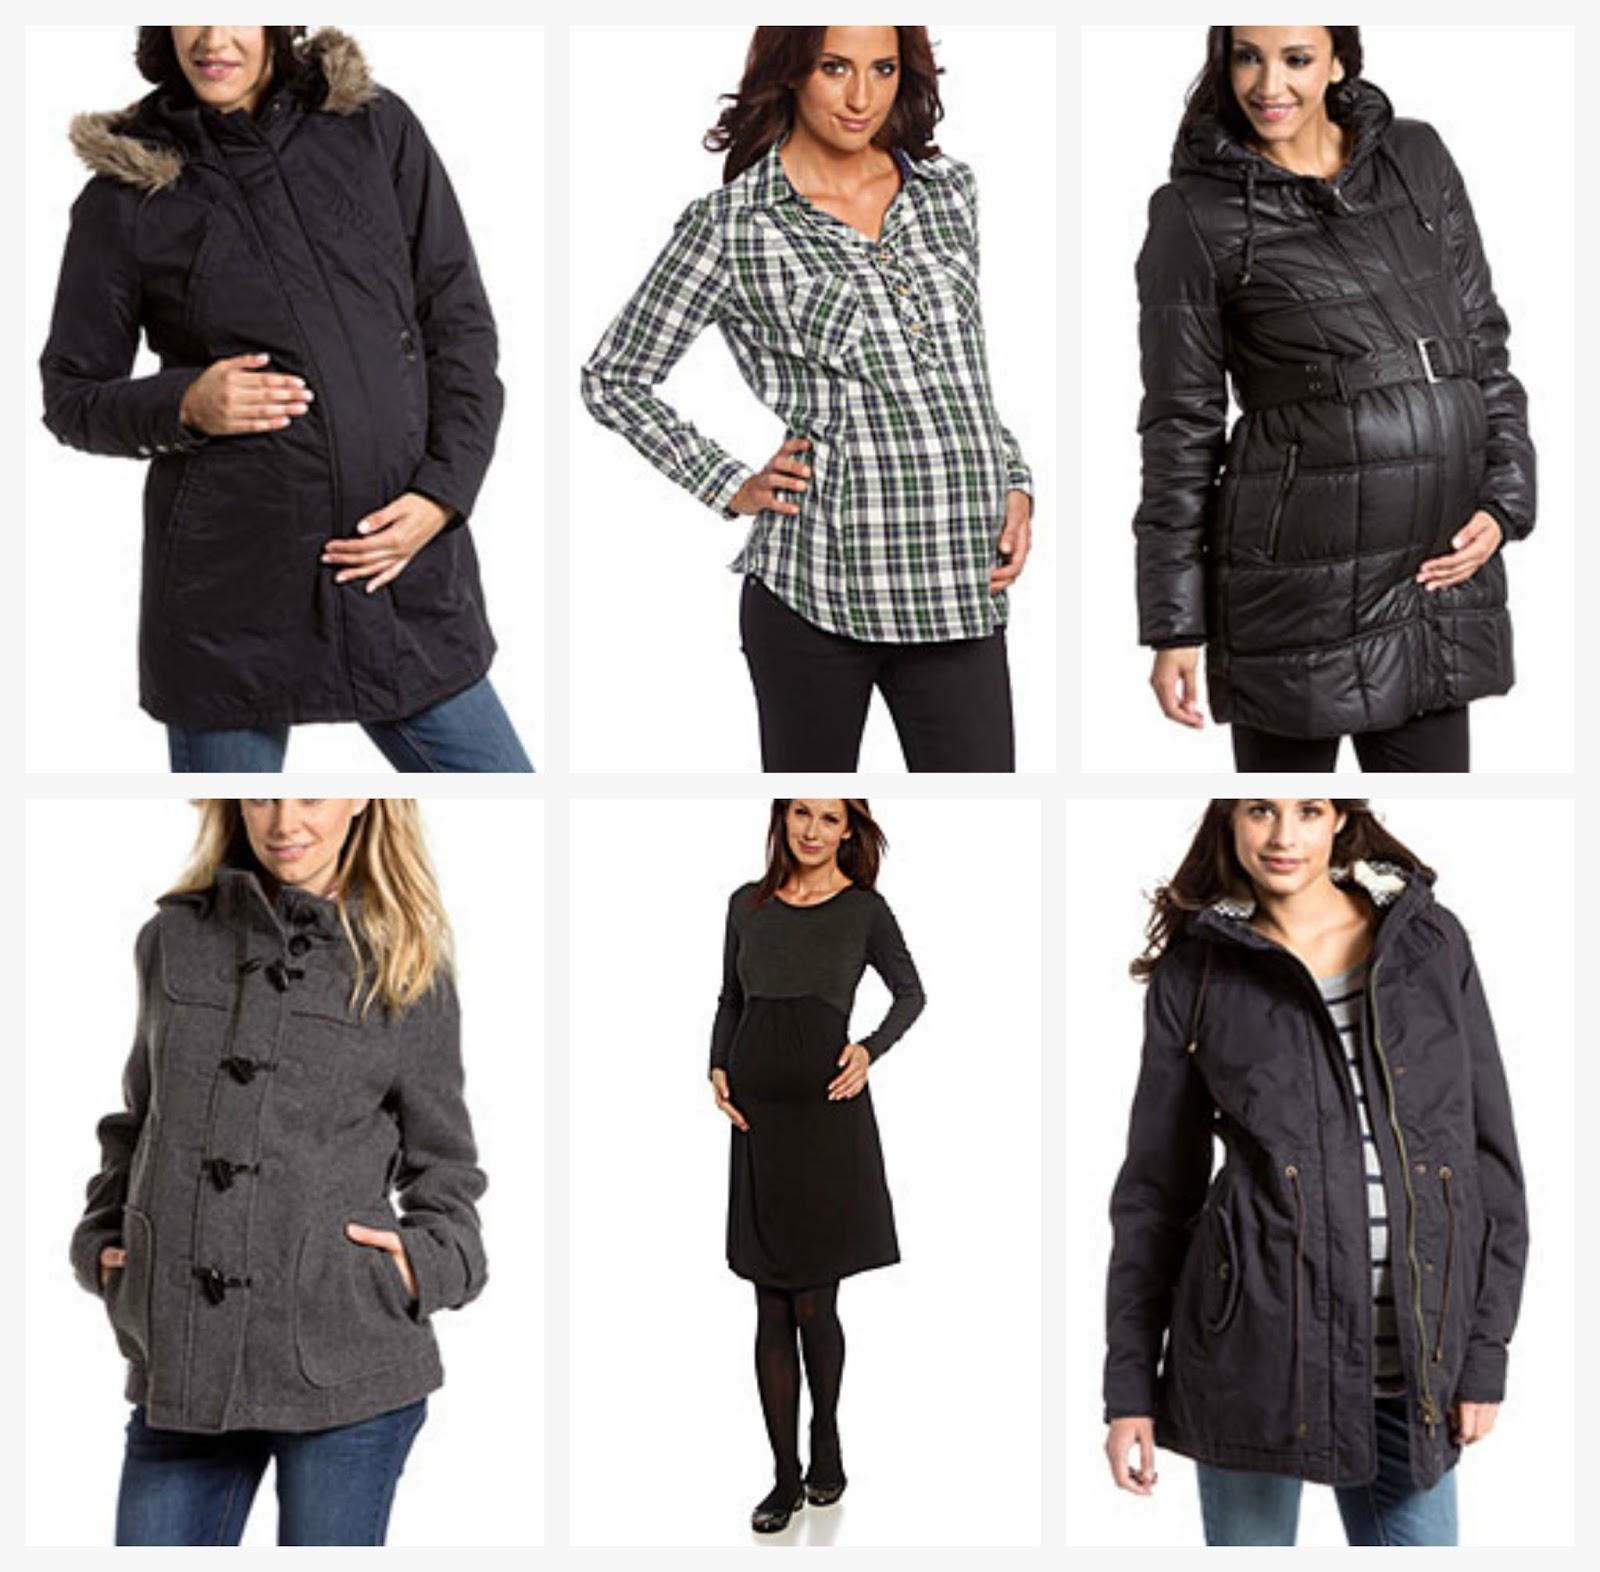 afeb6874e abrigos embarazada baratos